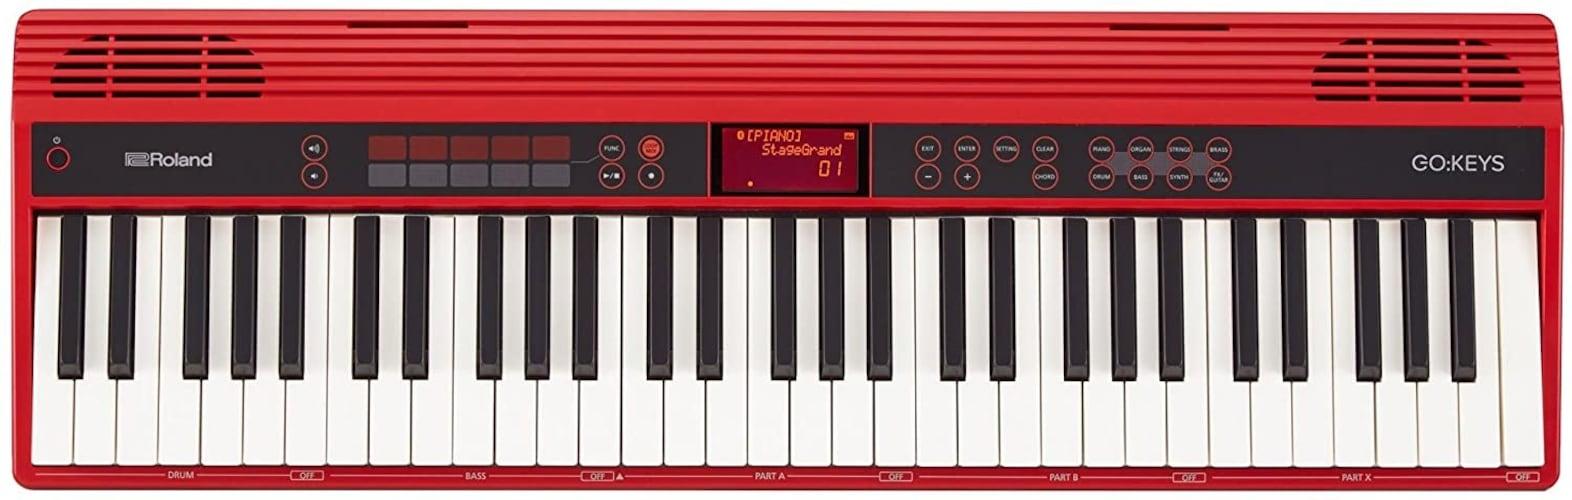 ▼61鍵盤:幅広い用途に対応